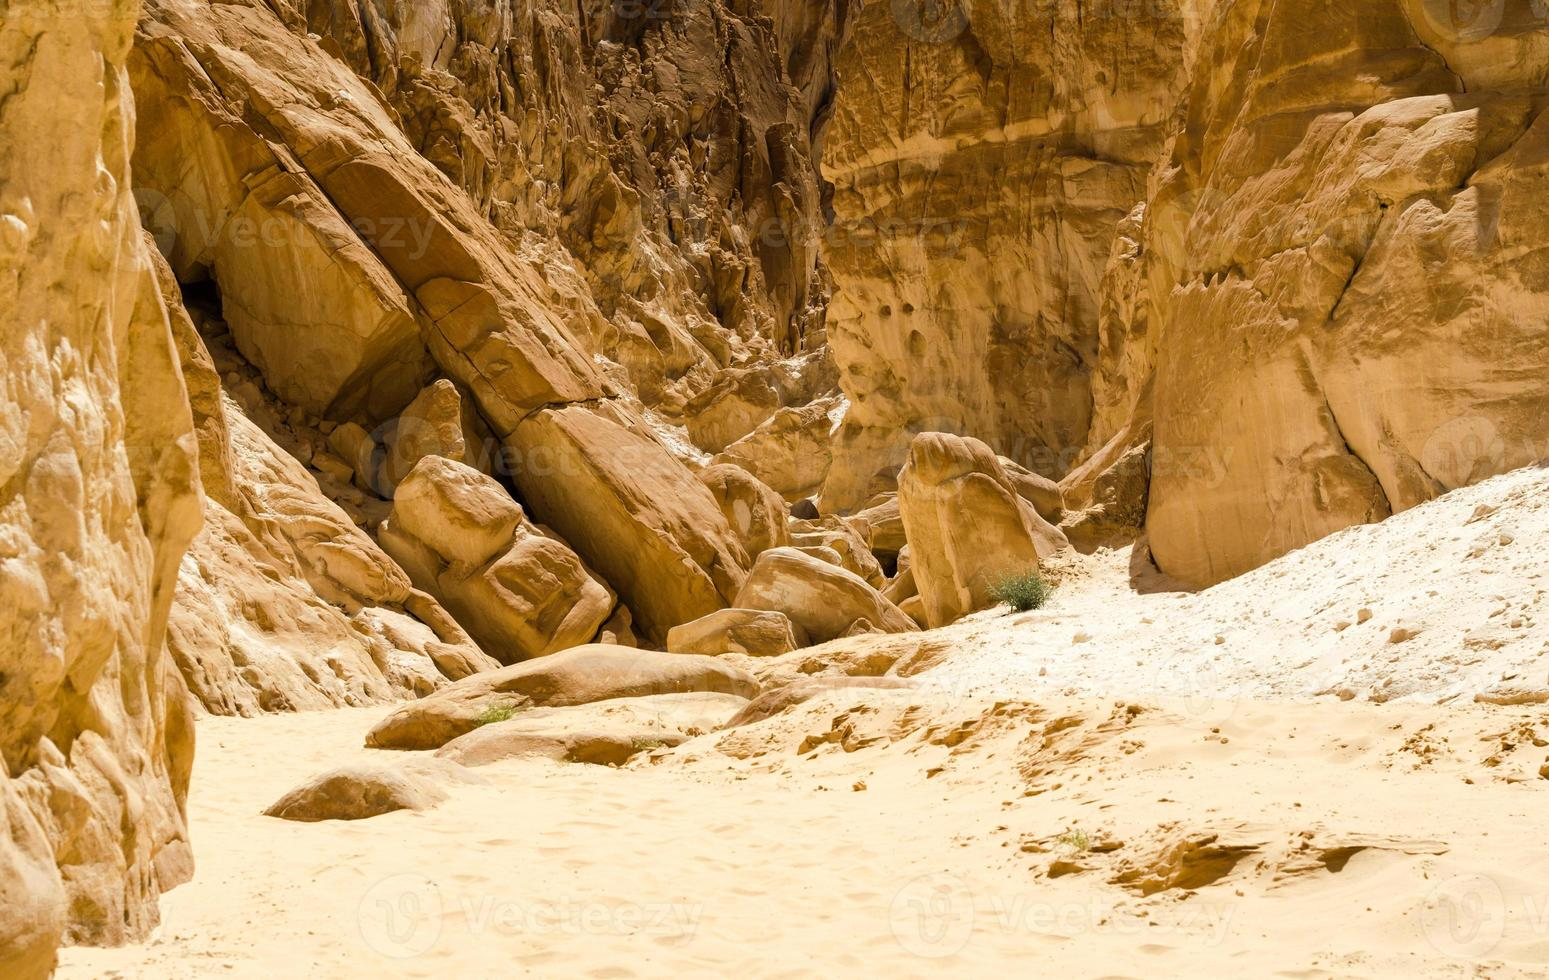 rochas e areia foto